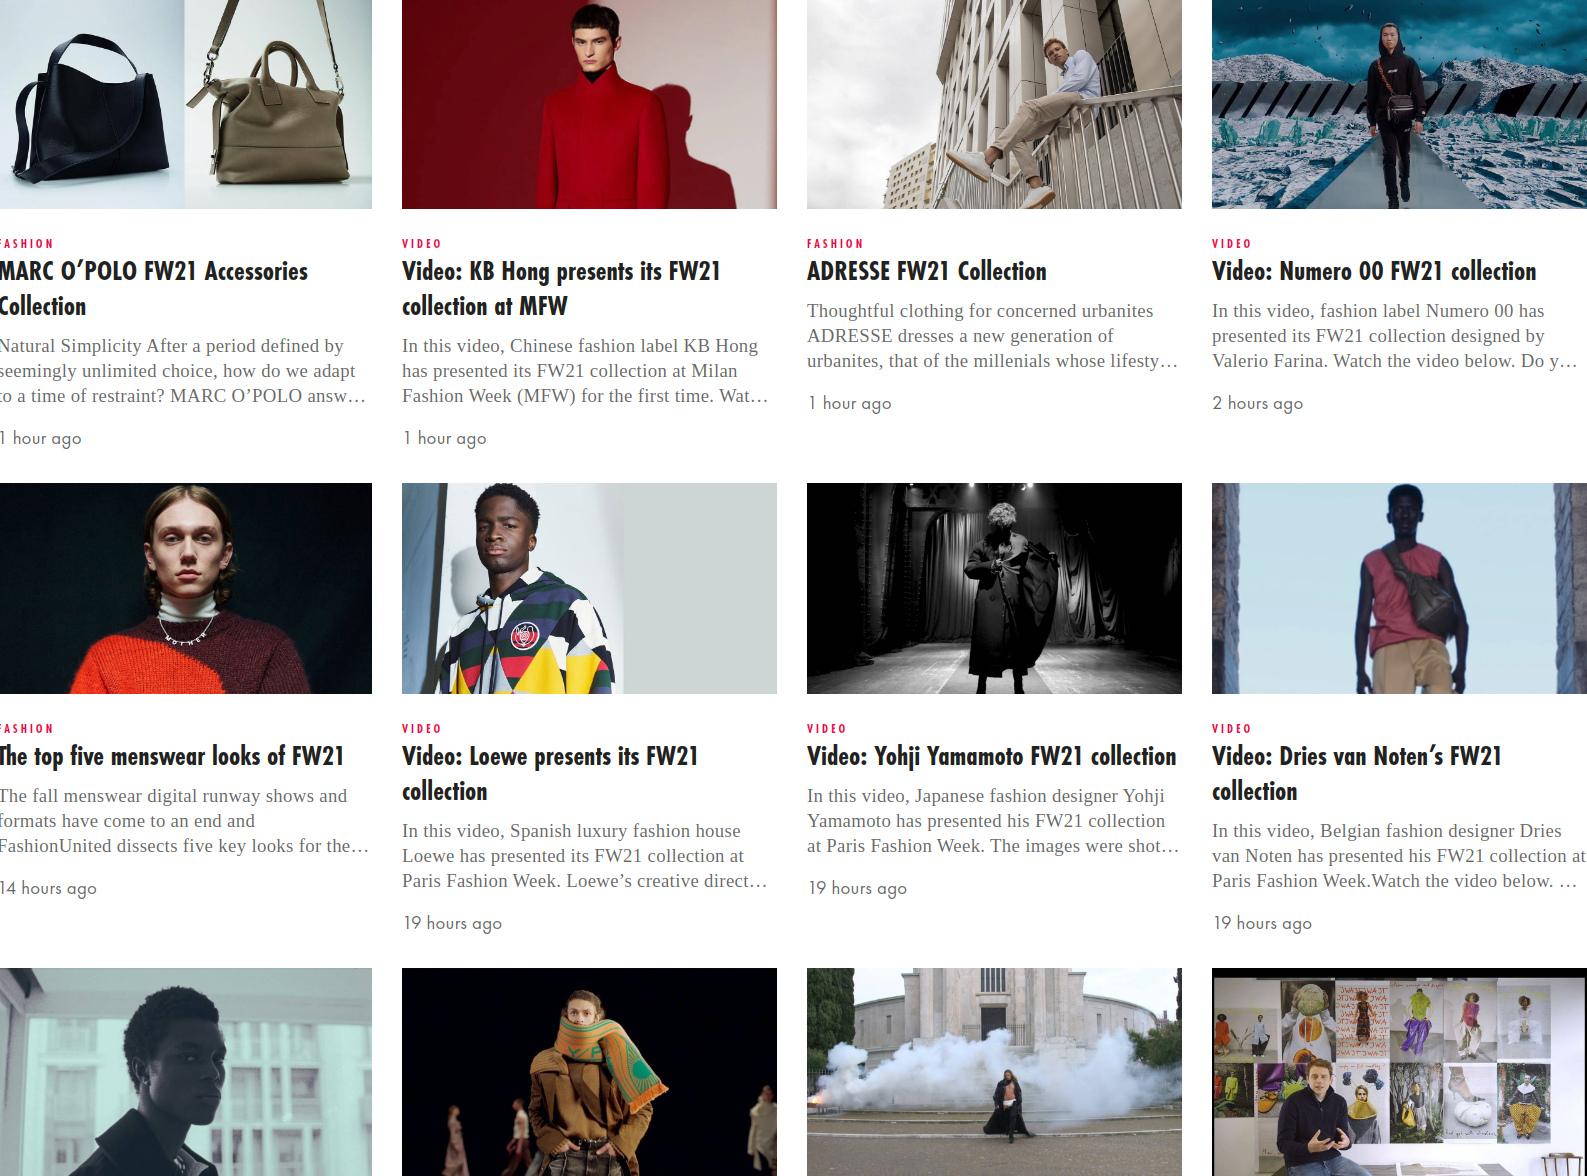 Alle Herfst/Winter 2021 modetrends en collecties